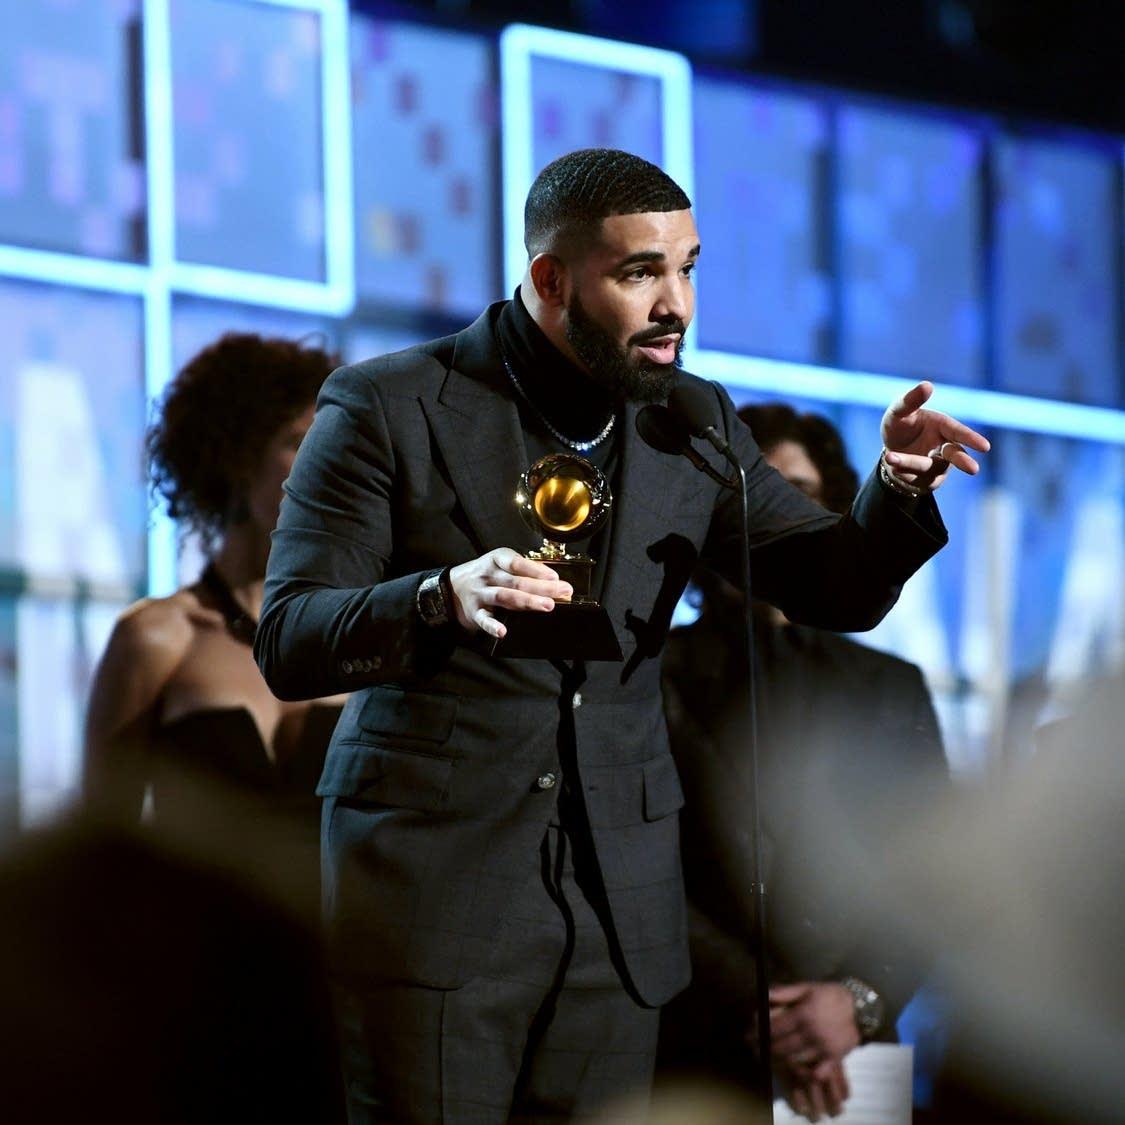 Drake speaking at the 2019 Grammy Awards